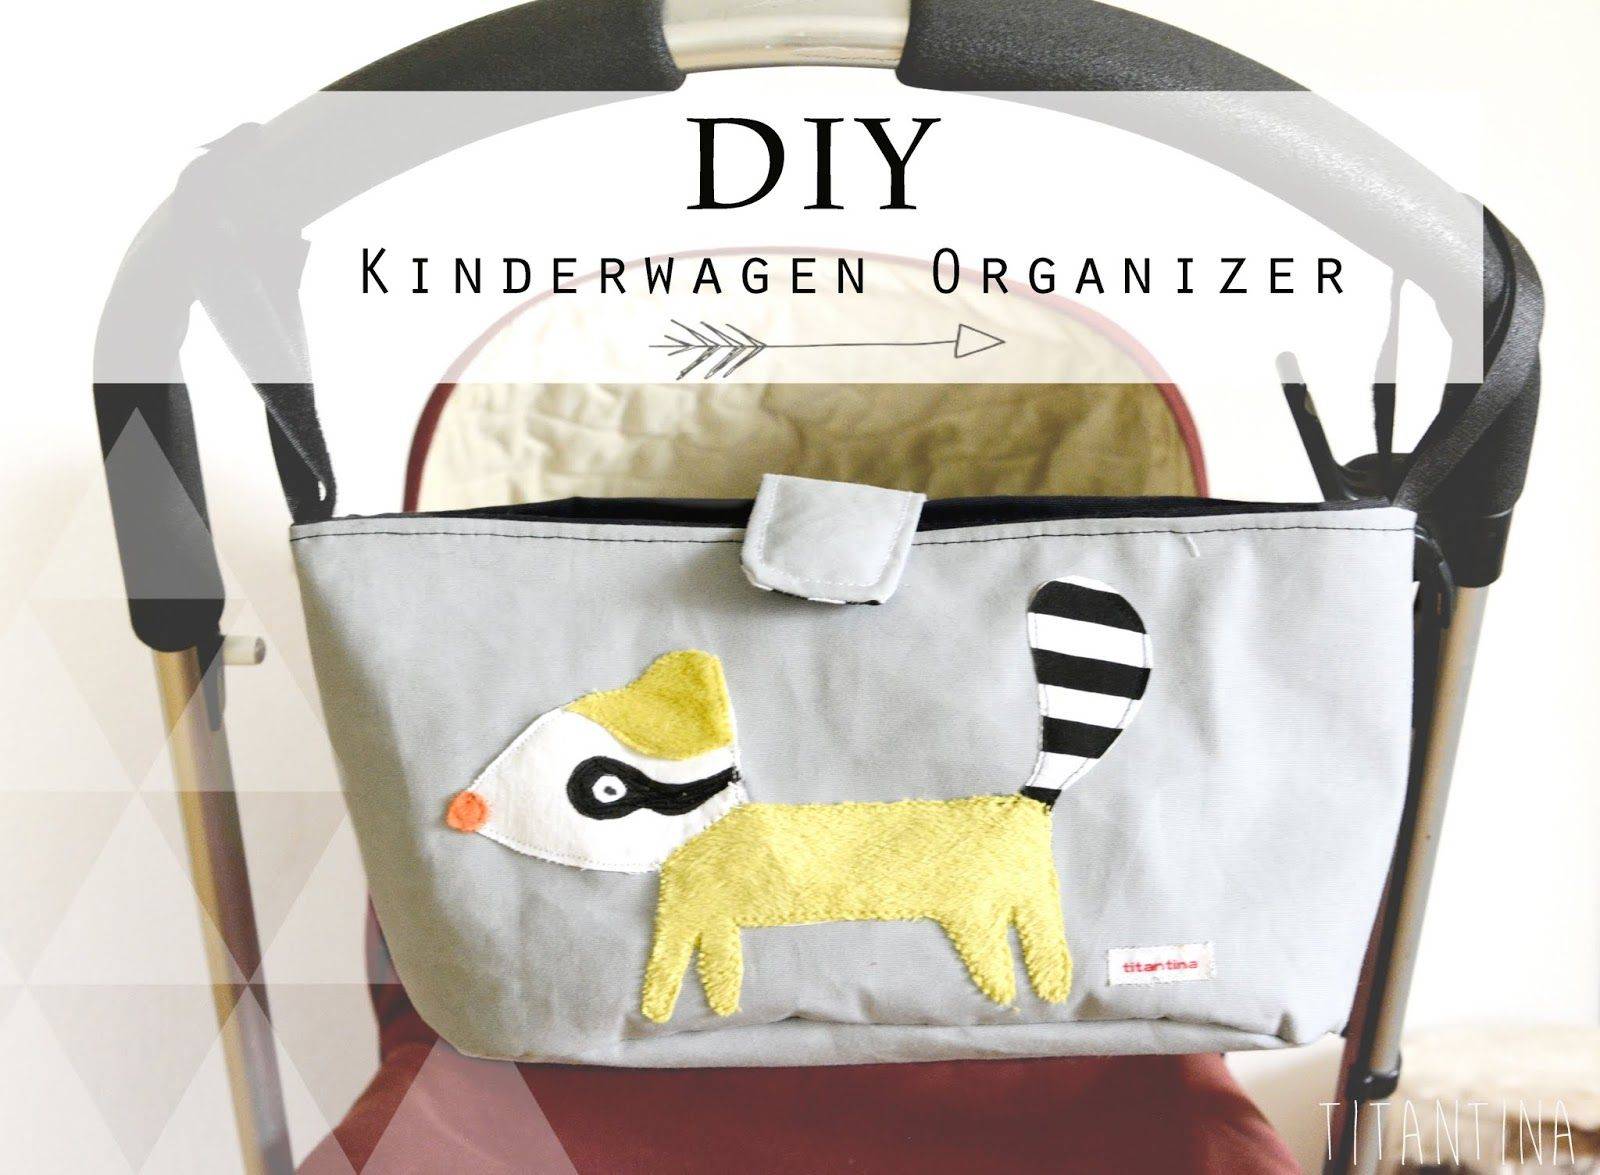 diy kinderwagentasche waschb r n hen pinterest n hen n hen baby und diy n hen baby. Black Bedroom Furniture Sets. Home Design Ideas